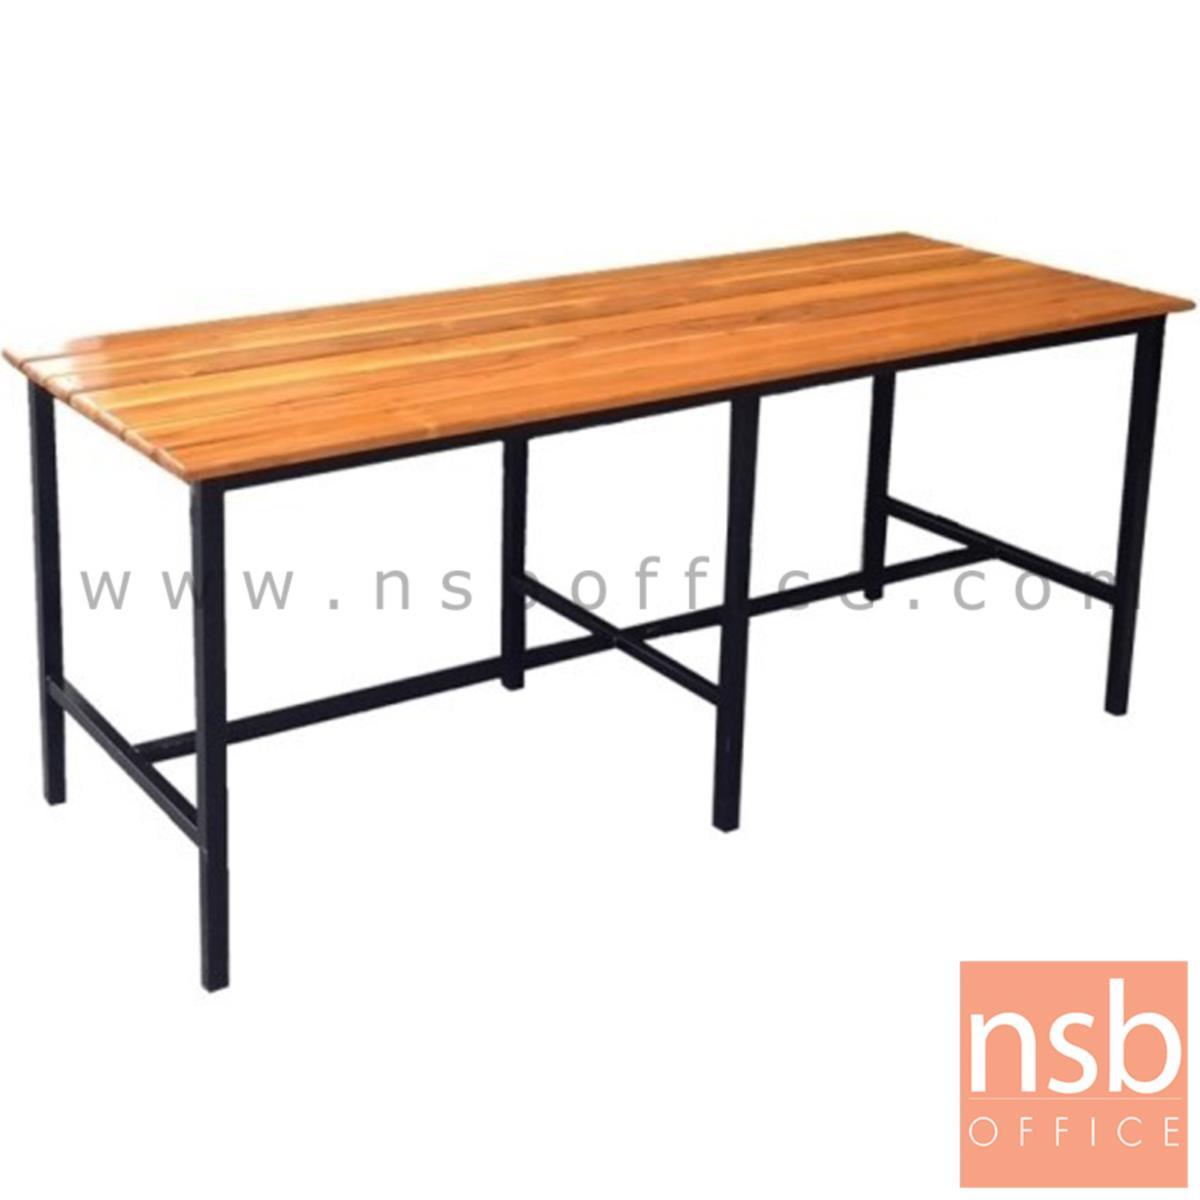 A17A086:โต๊ะโรงอาหารไม้สักตีระแนง รุ่น UTAH (ยูทาร์) ขนาด 180W cm. ขาเหล็ก